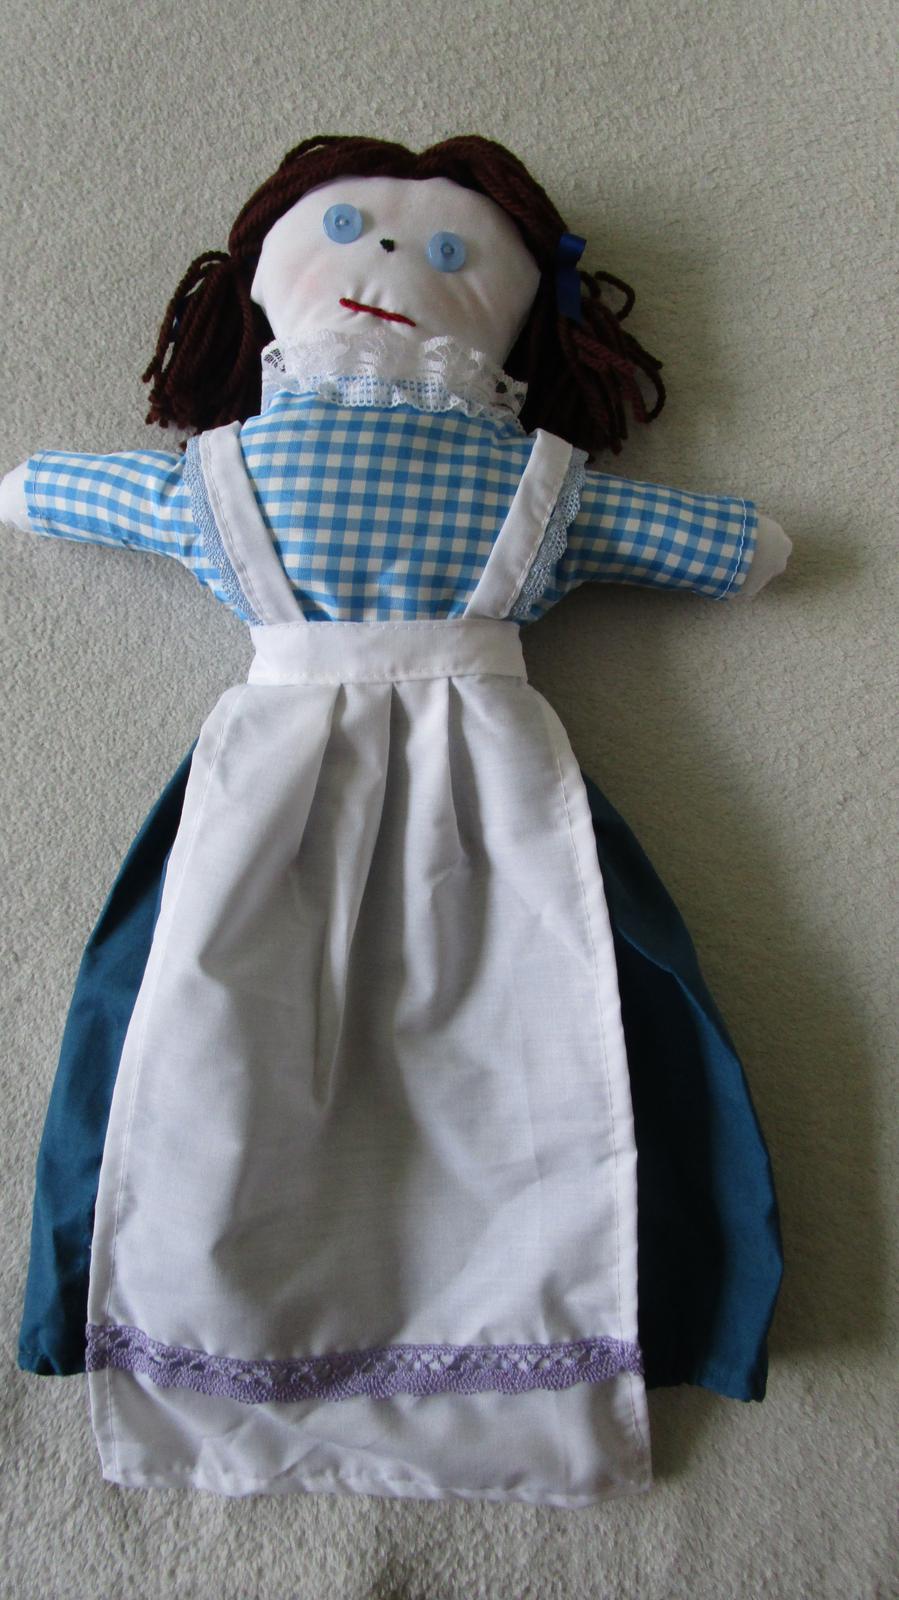 Nepoužívaná bábika na igelitové sáčky - Obrázok č. 1